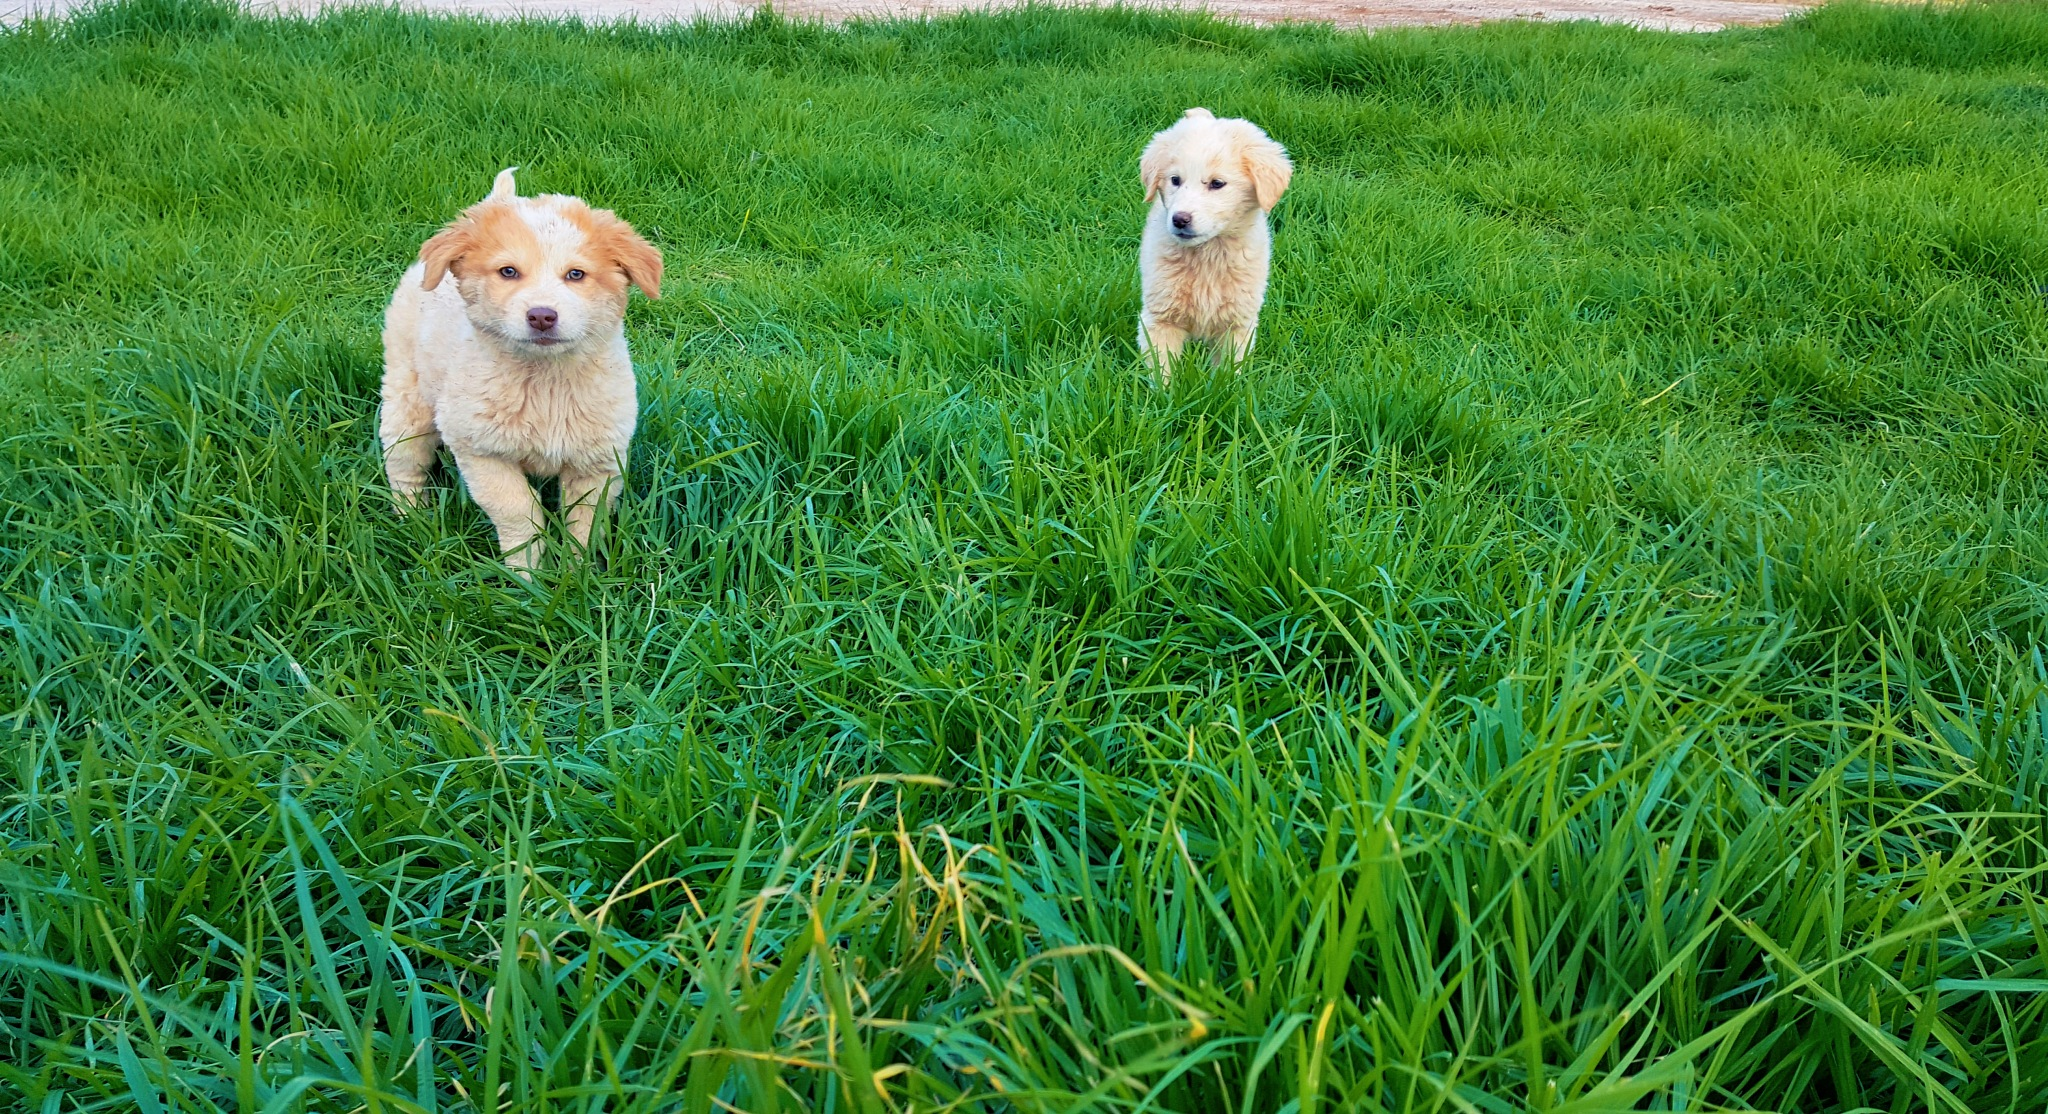 Cute Dogs  by zakaria sadouni